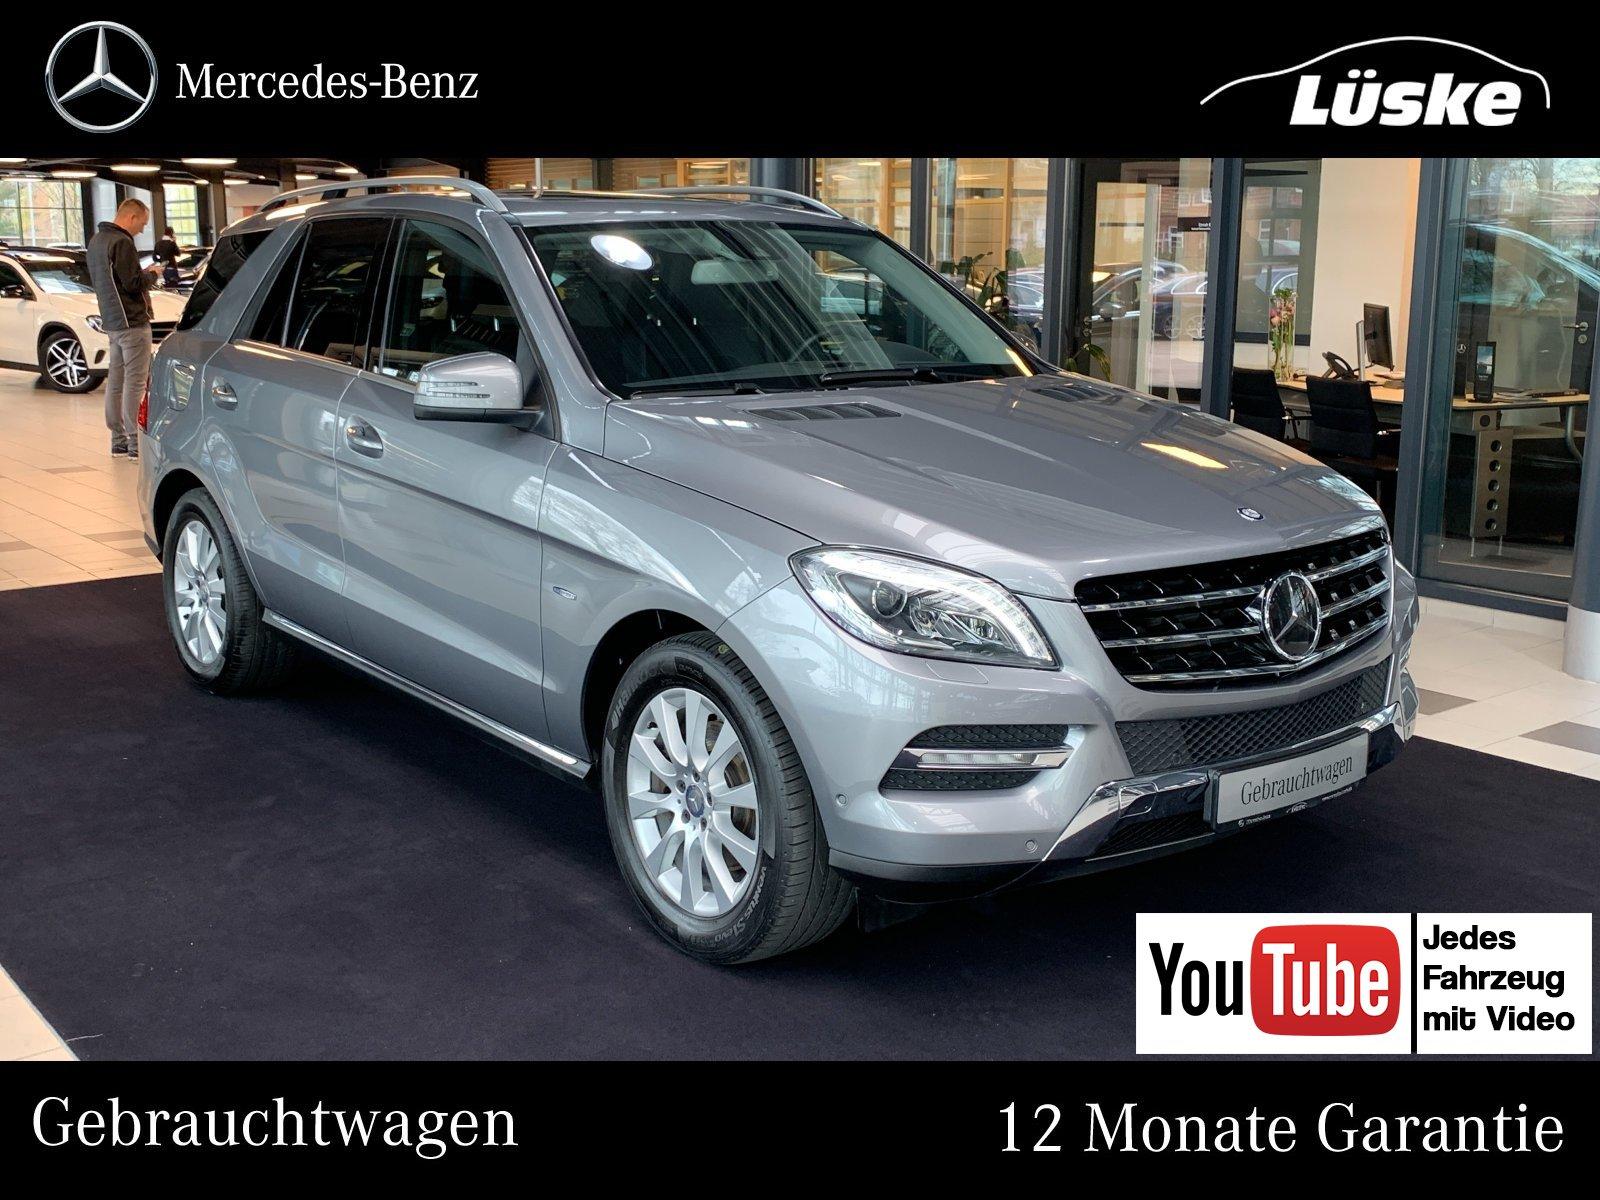 Mercedes-Benz ML 250 BT 4M AHK COMAND Schiebedach DISTRONIC, Jahr 2012, Diesel